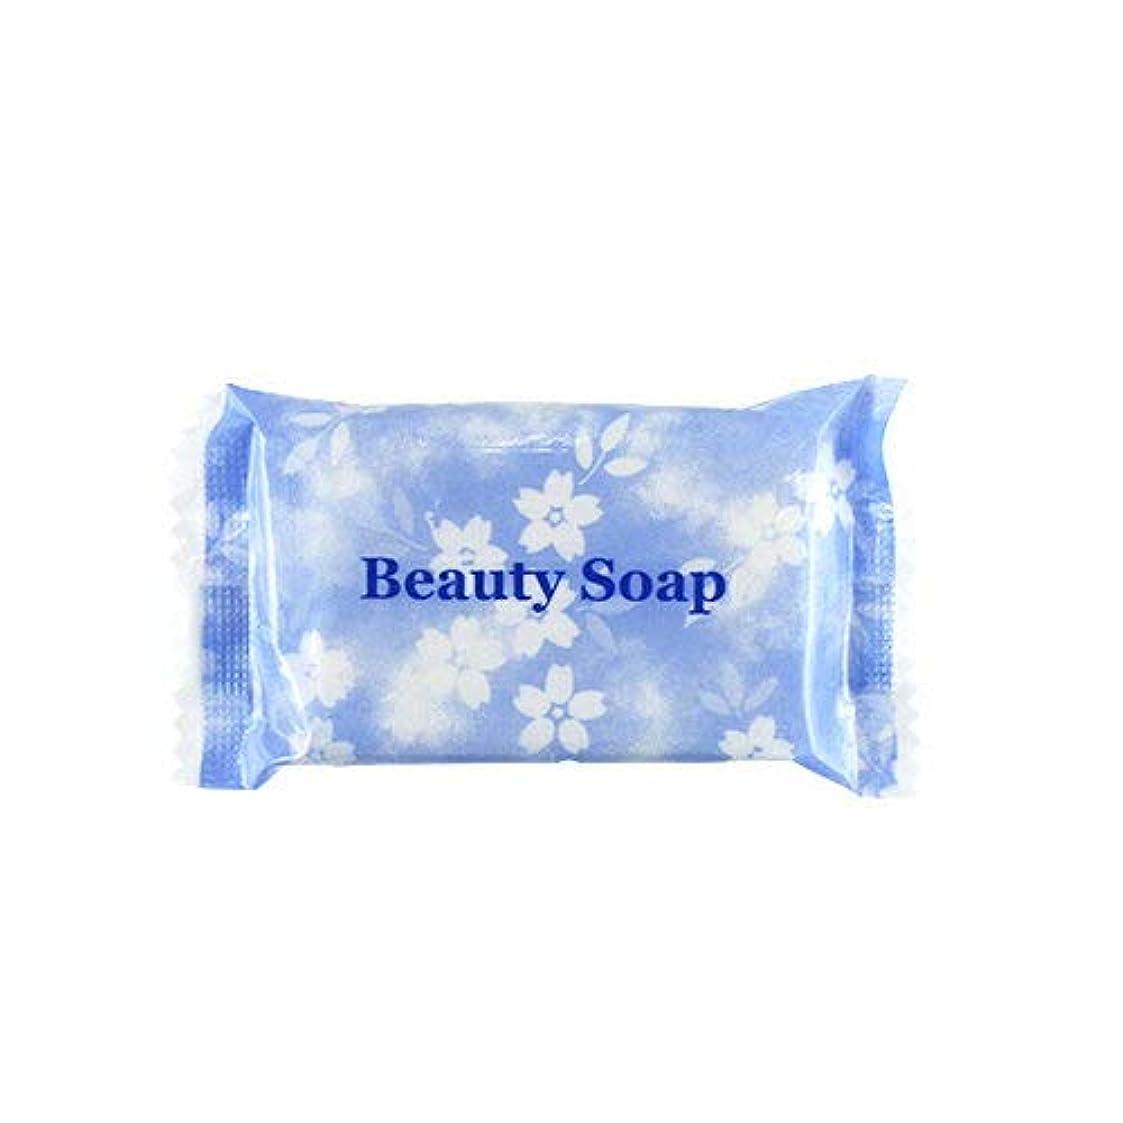 邪魔大きなスケールで見ると南西業務用 クロバーコーポレーション ビューティーソープ(Beauty Soap) 15g×20個セット | ホテルアメニティ 個包装